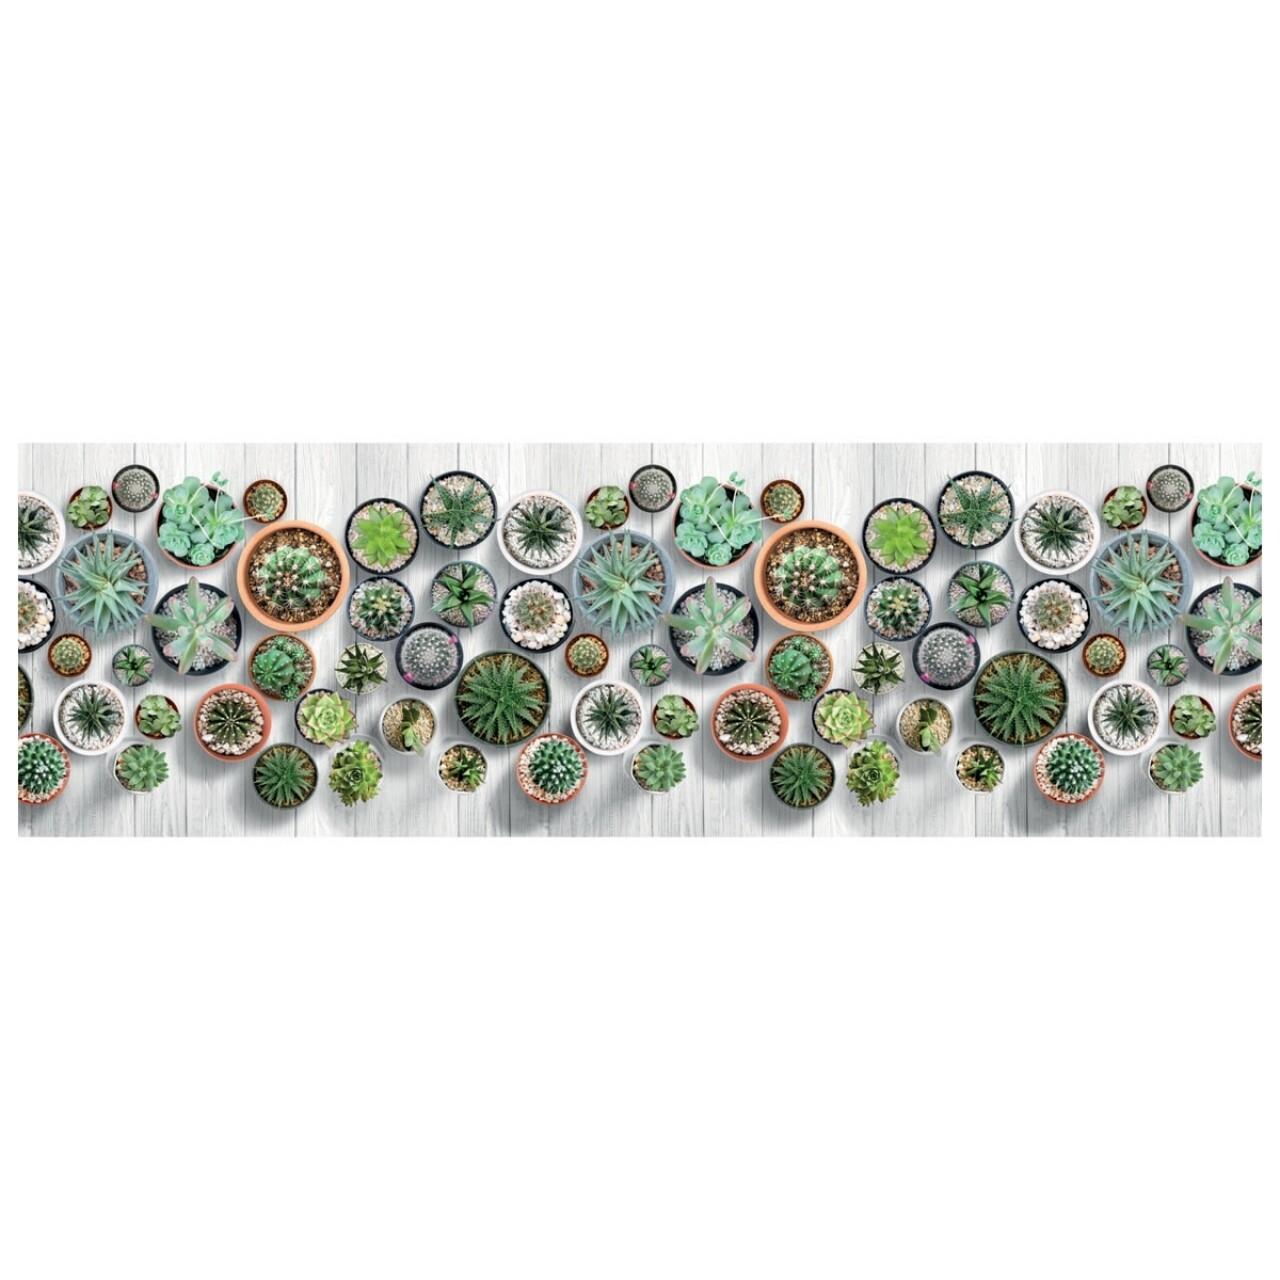 Covor rezistent Webtappeti Cactus 58 x 240 cm, multicolor